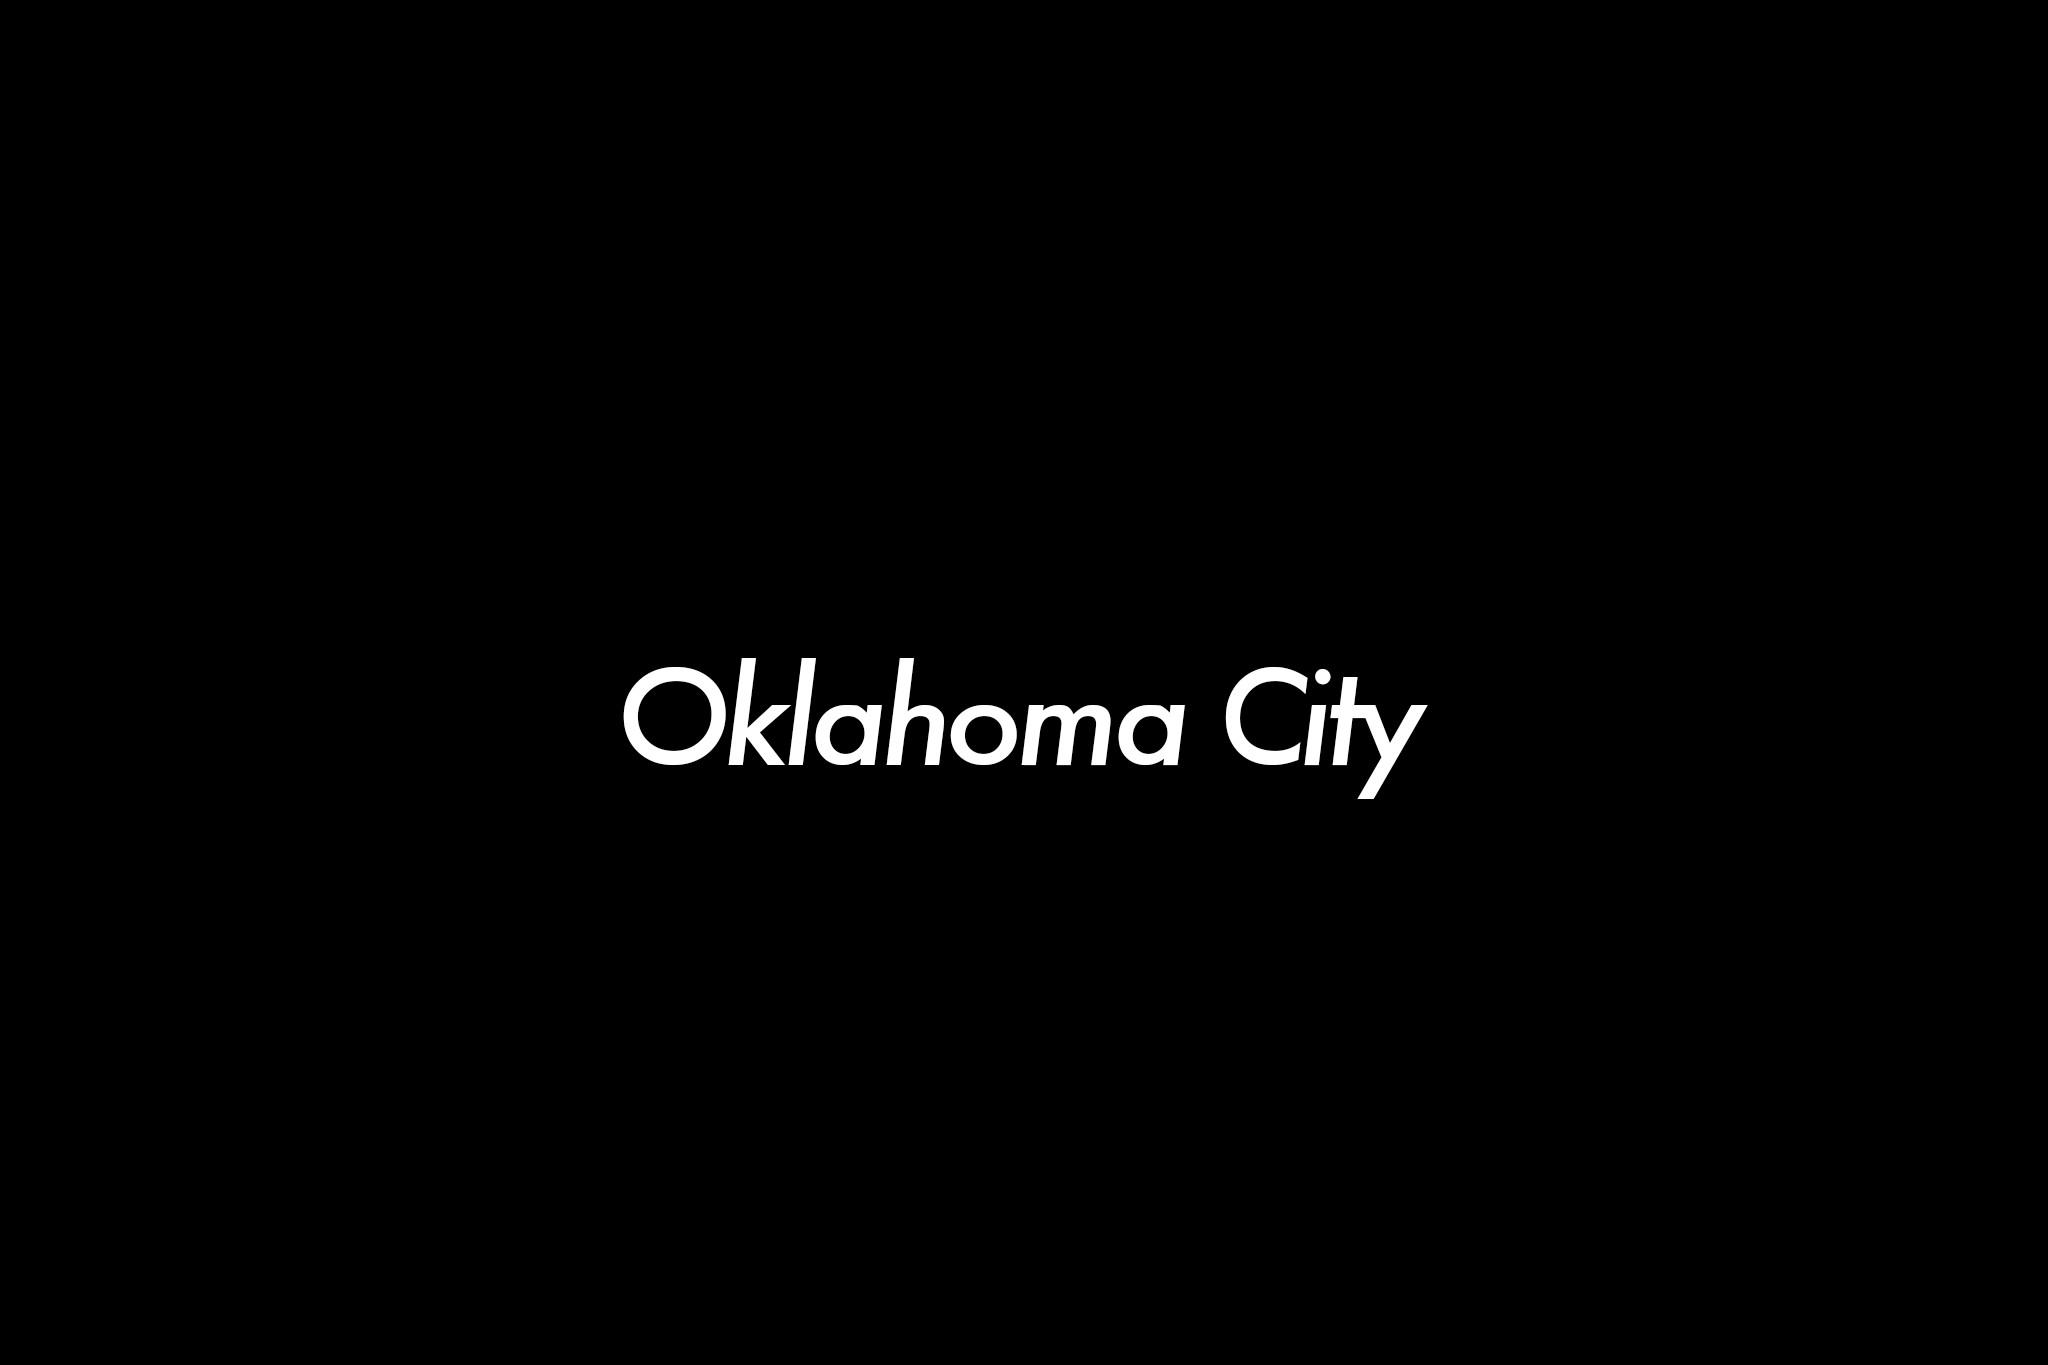 Oklahoma City.jpg